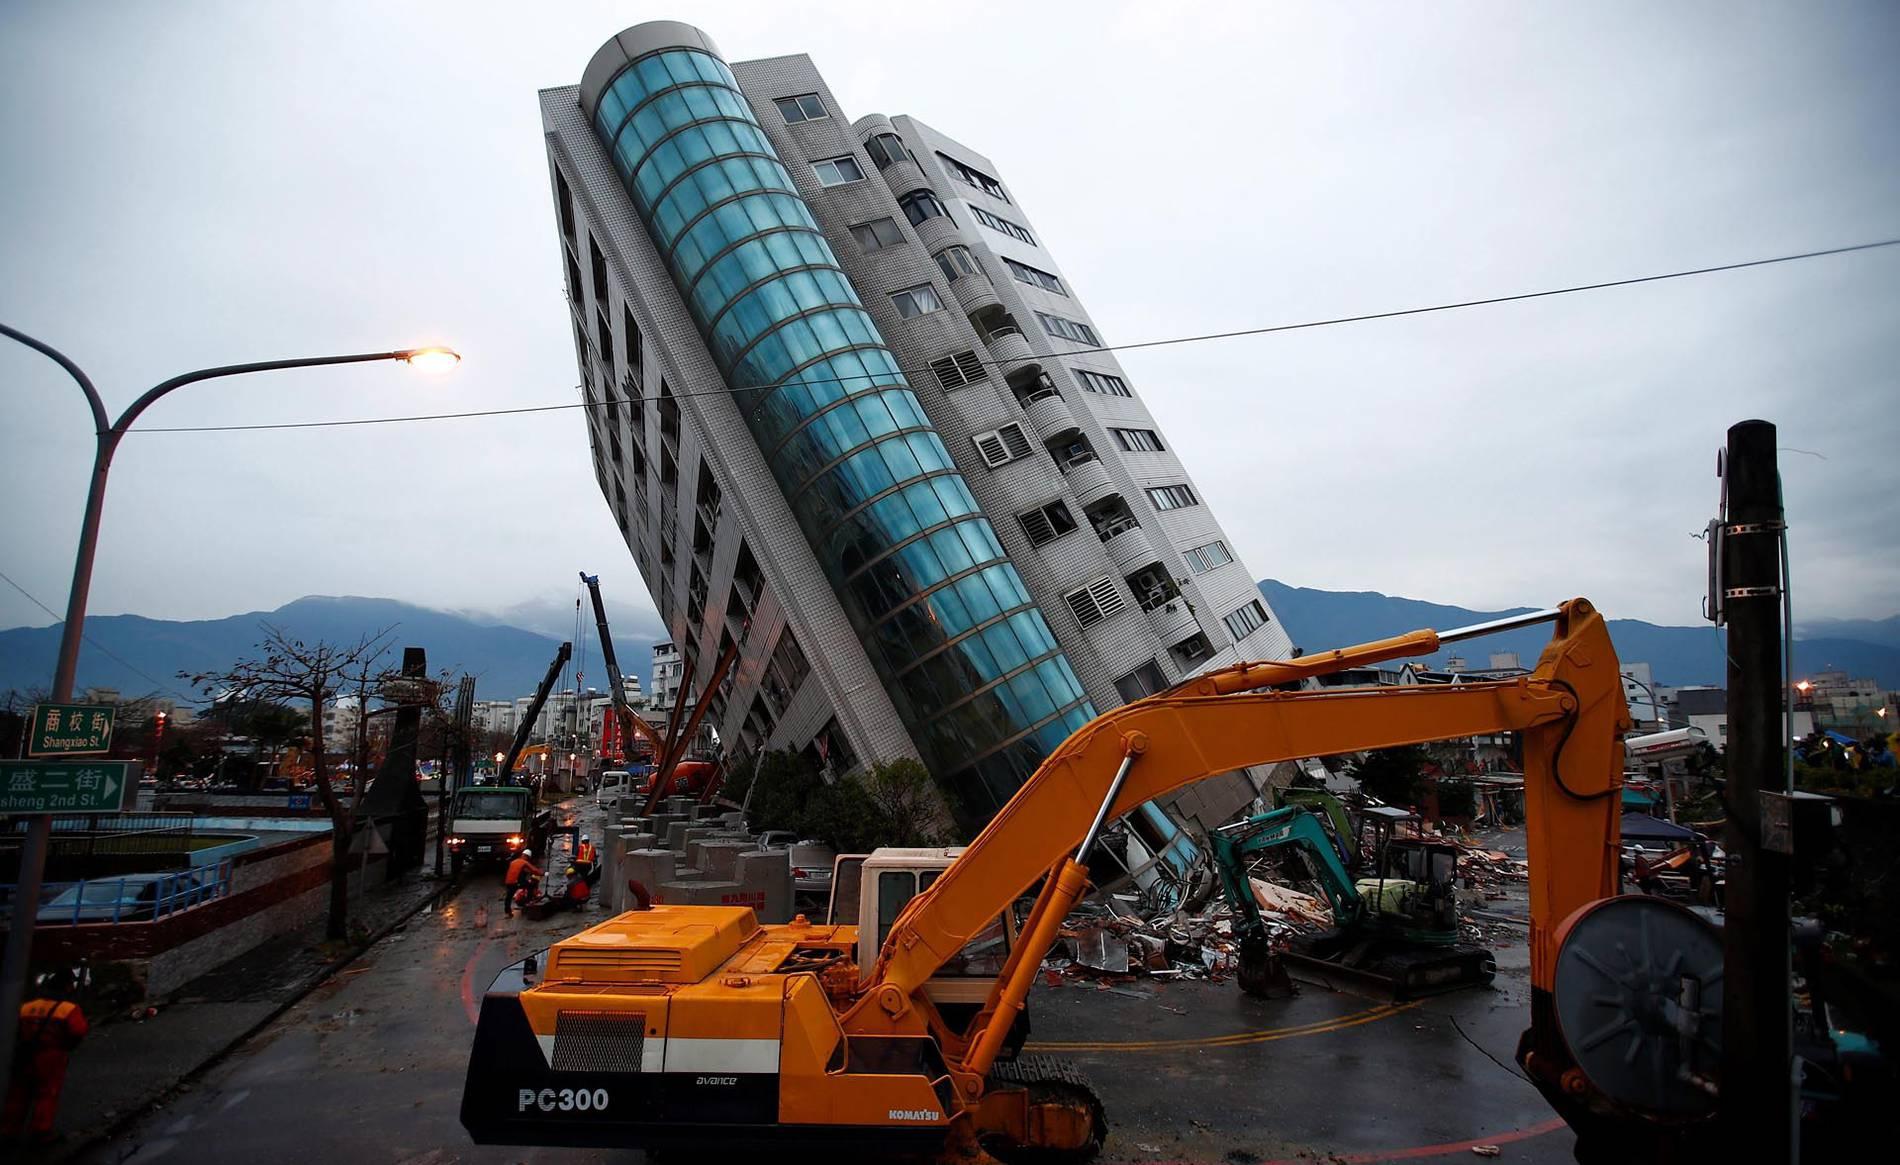 Terremoto de 6,4 en Taiwan (1/21) - Al menos siete personas han muerto y 258 han resultado heridas como consecuencia del potente terremoto que el martes sacudió la parte noreste de Taiwán, donde las autoridades se afanan ahora en localizar a los 76 ciudadanos que siguen desaparecidos. - Internacional -